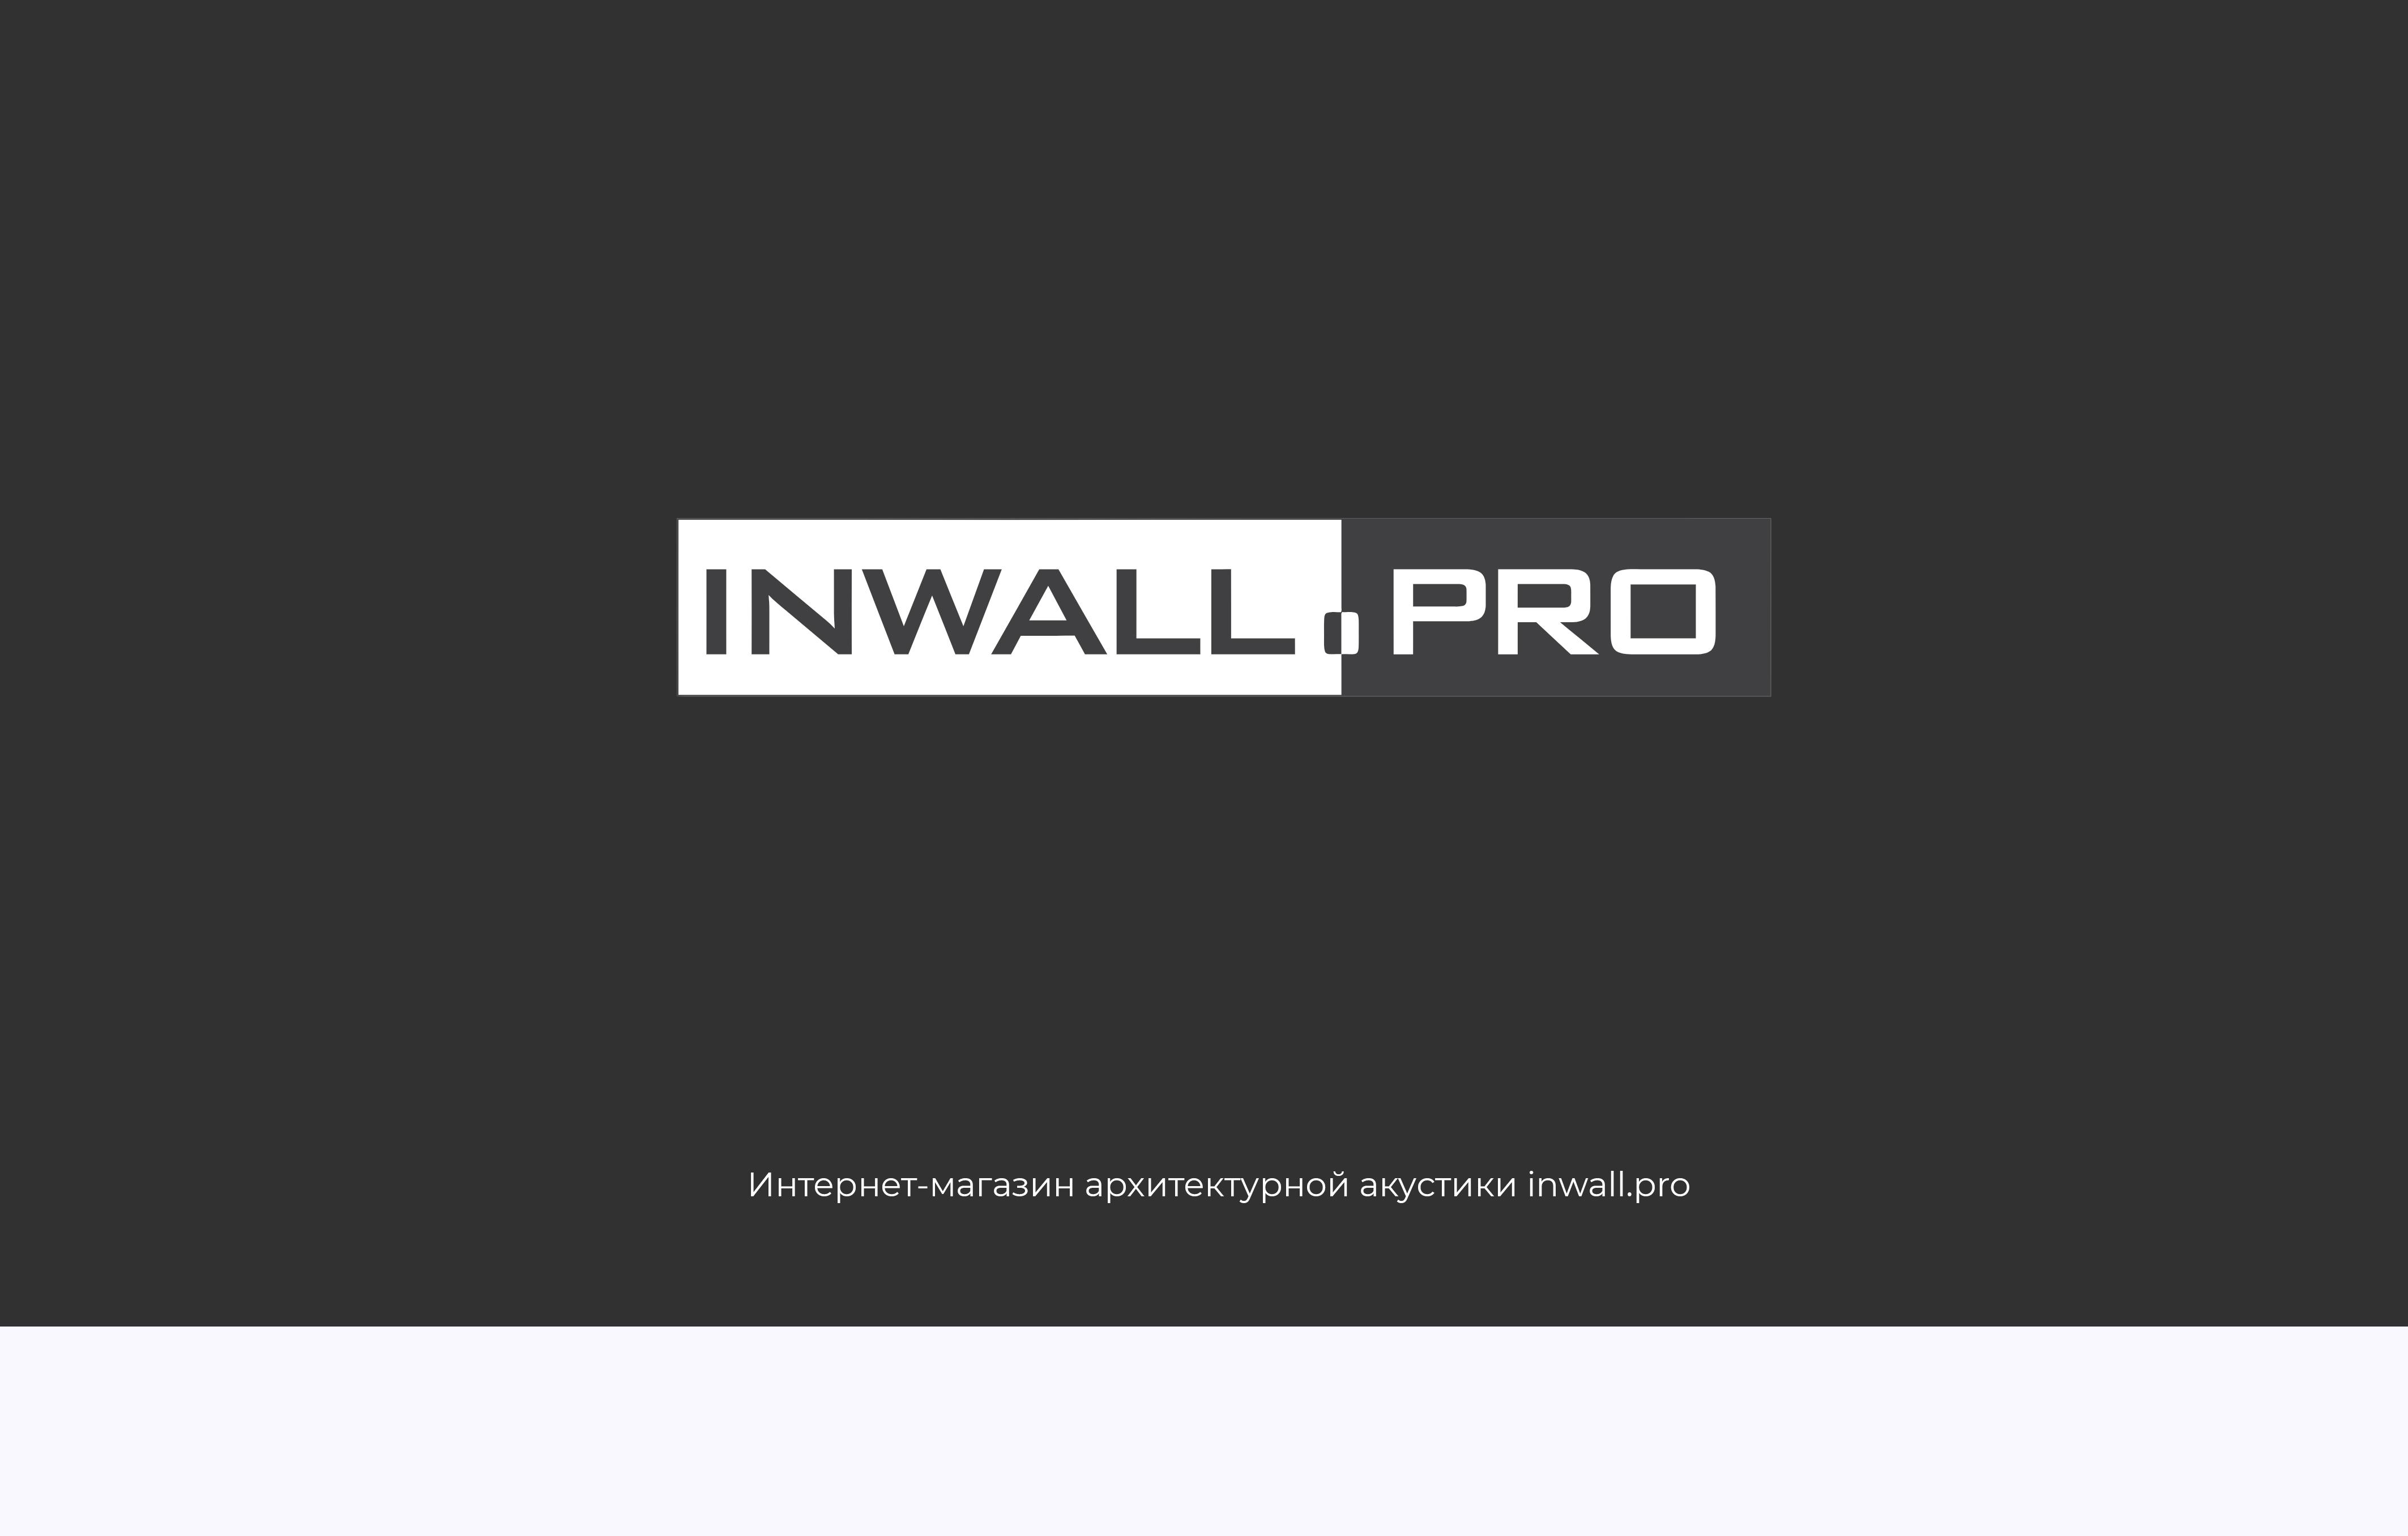 Inwall.pro